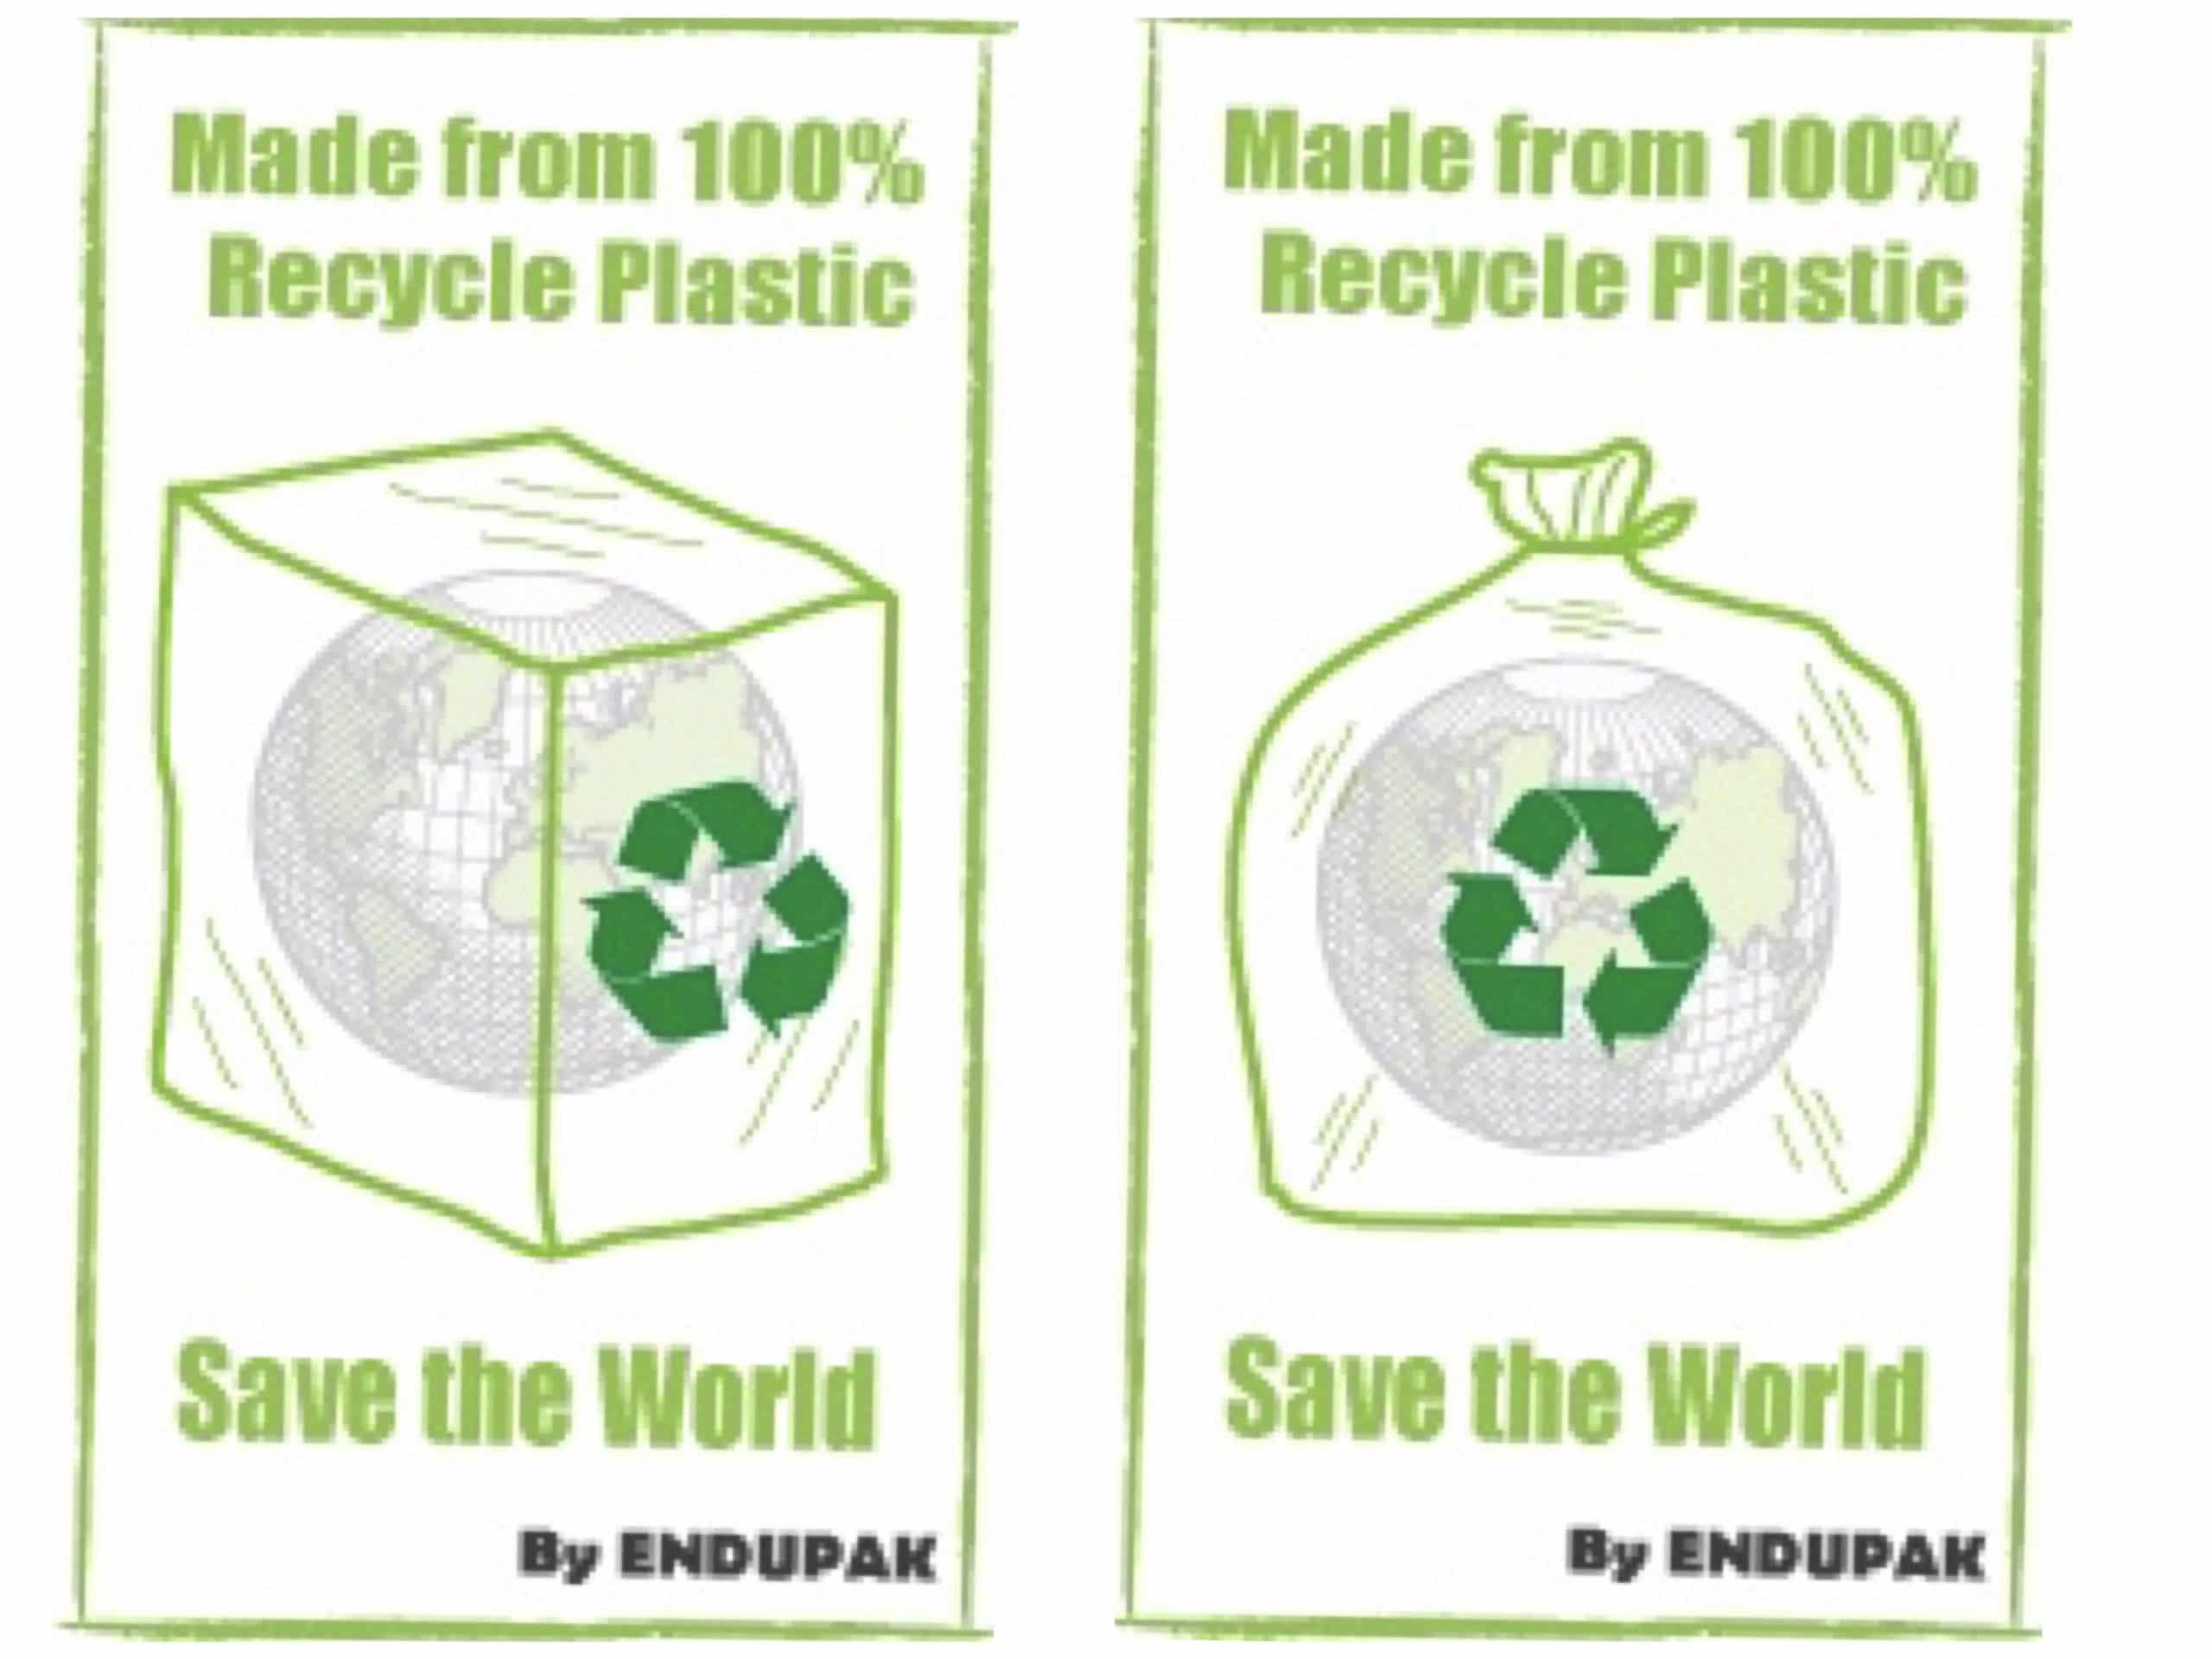 บริษัท เอ็นดูแพ้ค จำกัด ผู้ผลิตและจัดจำหน่ายถุงพลาสติกทุกรูปแบบ